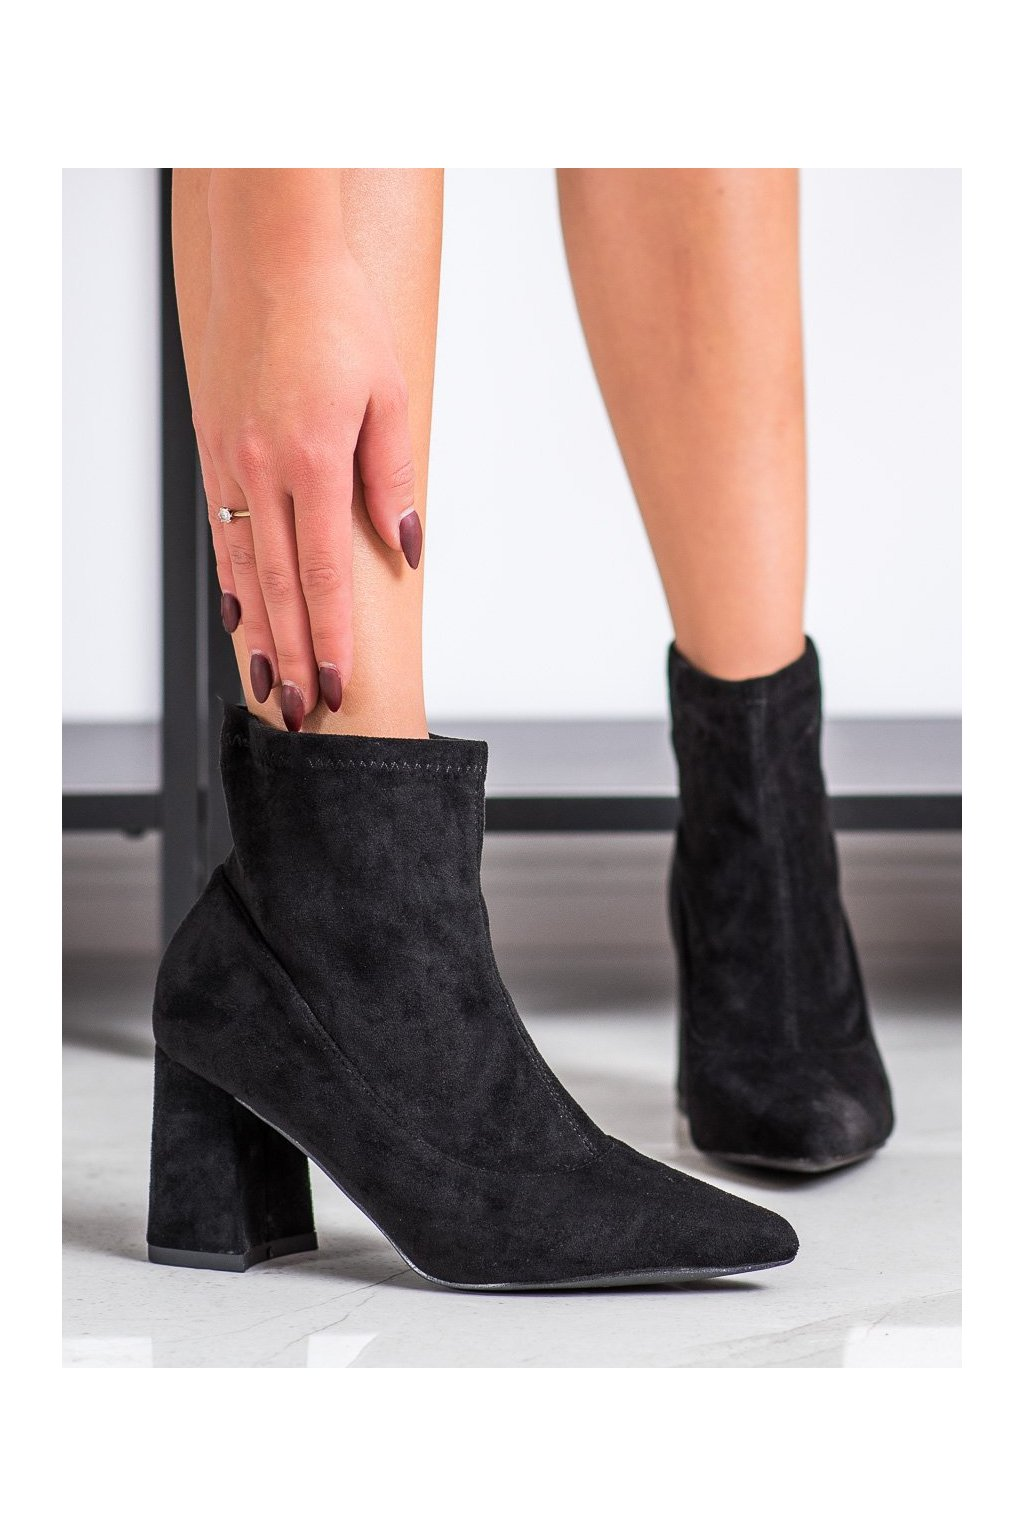 Čierne dámske topánky Shelovet kod A12-025B